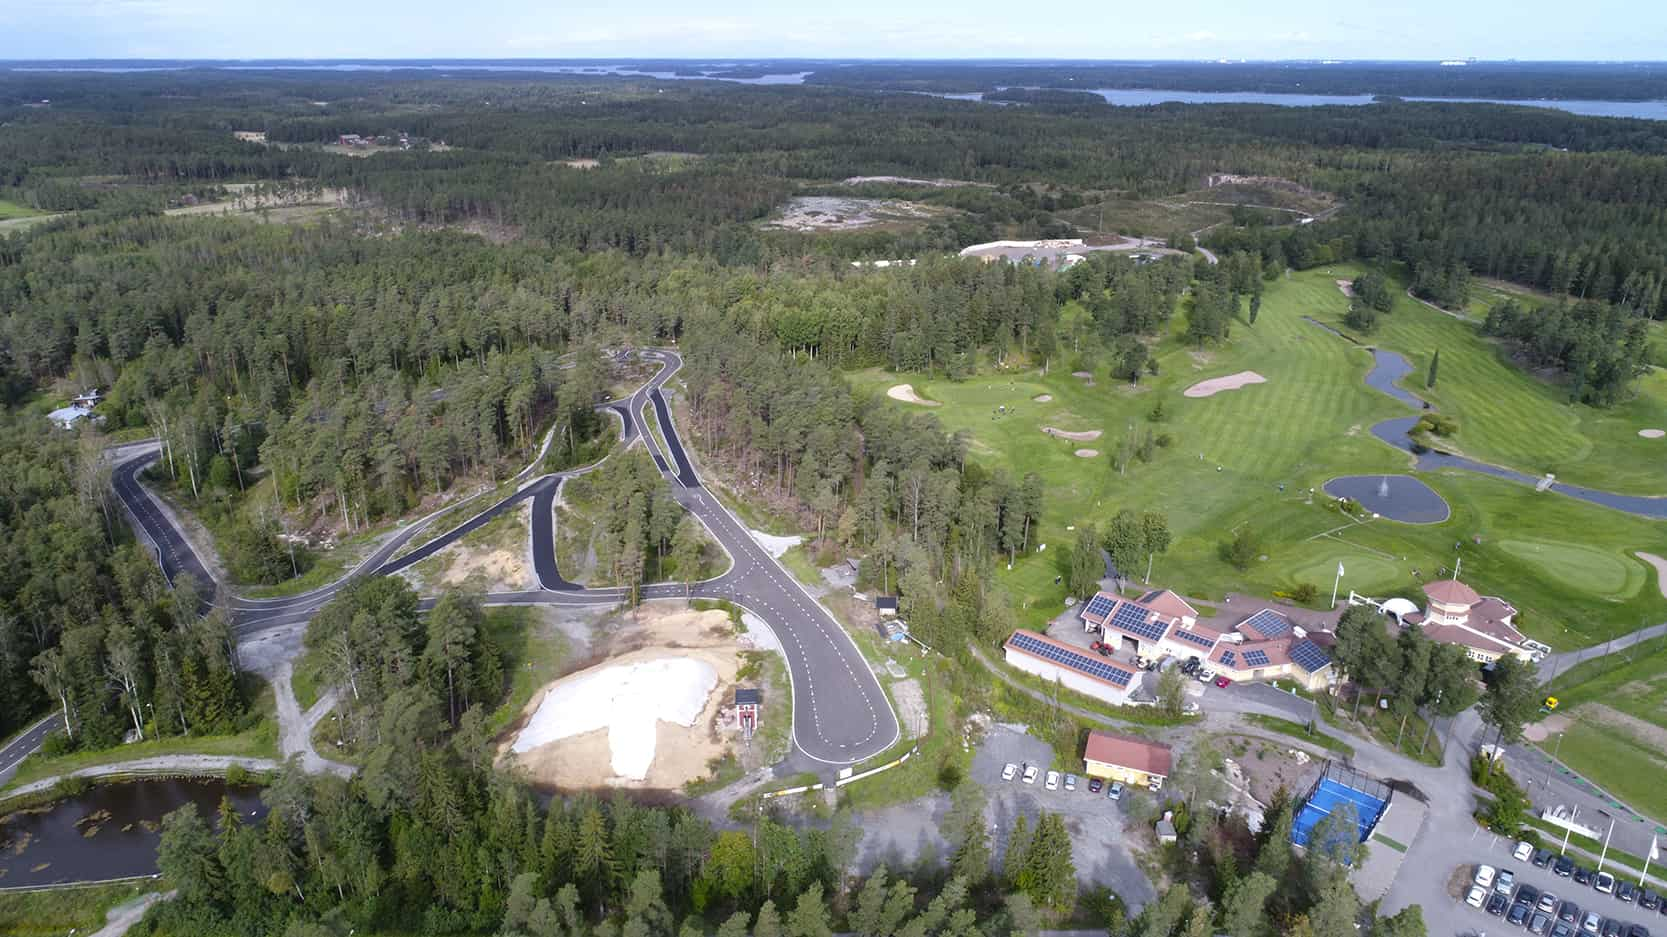 Ilmakuvassa näkyy vasemmalla rullahiihtorata ja oikealla golfkenttä, väliin jää sinipohjainen padel-kenttä.